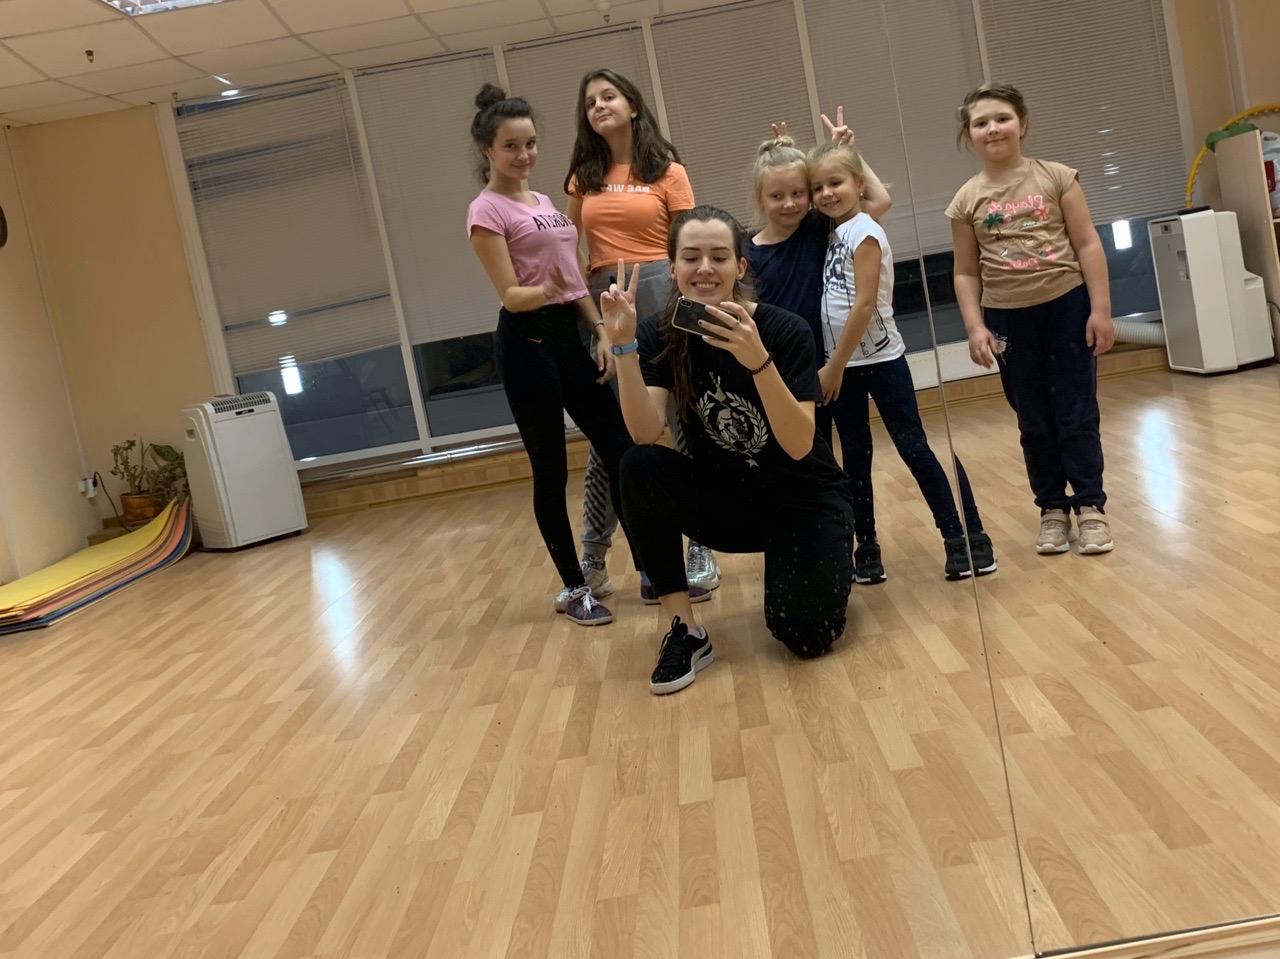 Хии хоп танцы, школа хип хопа, Полина Никитенко